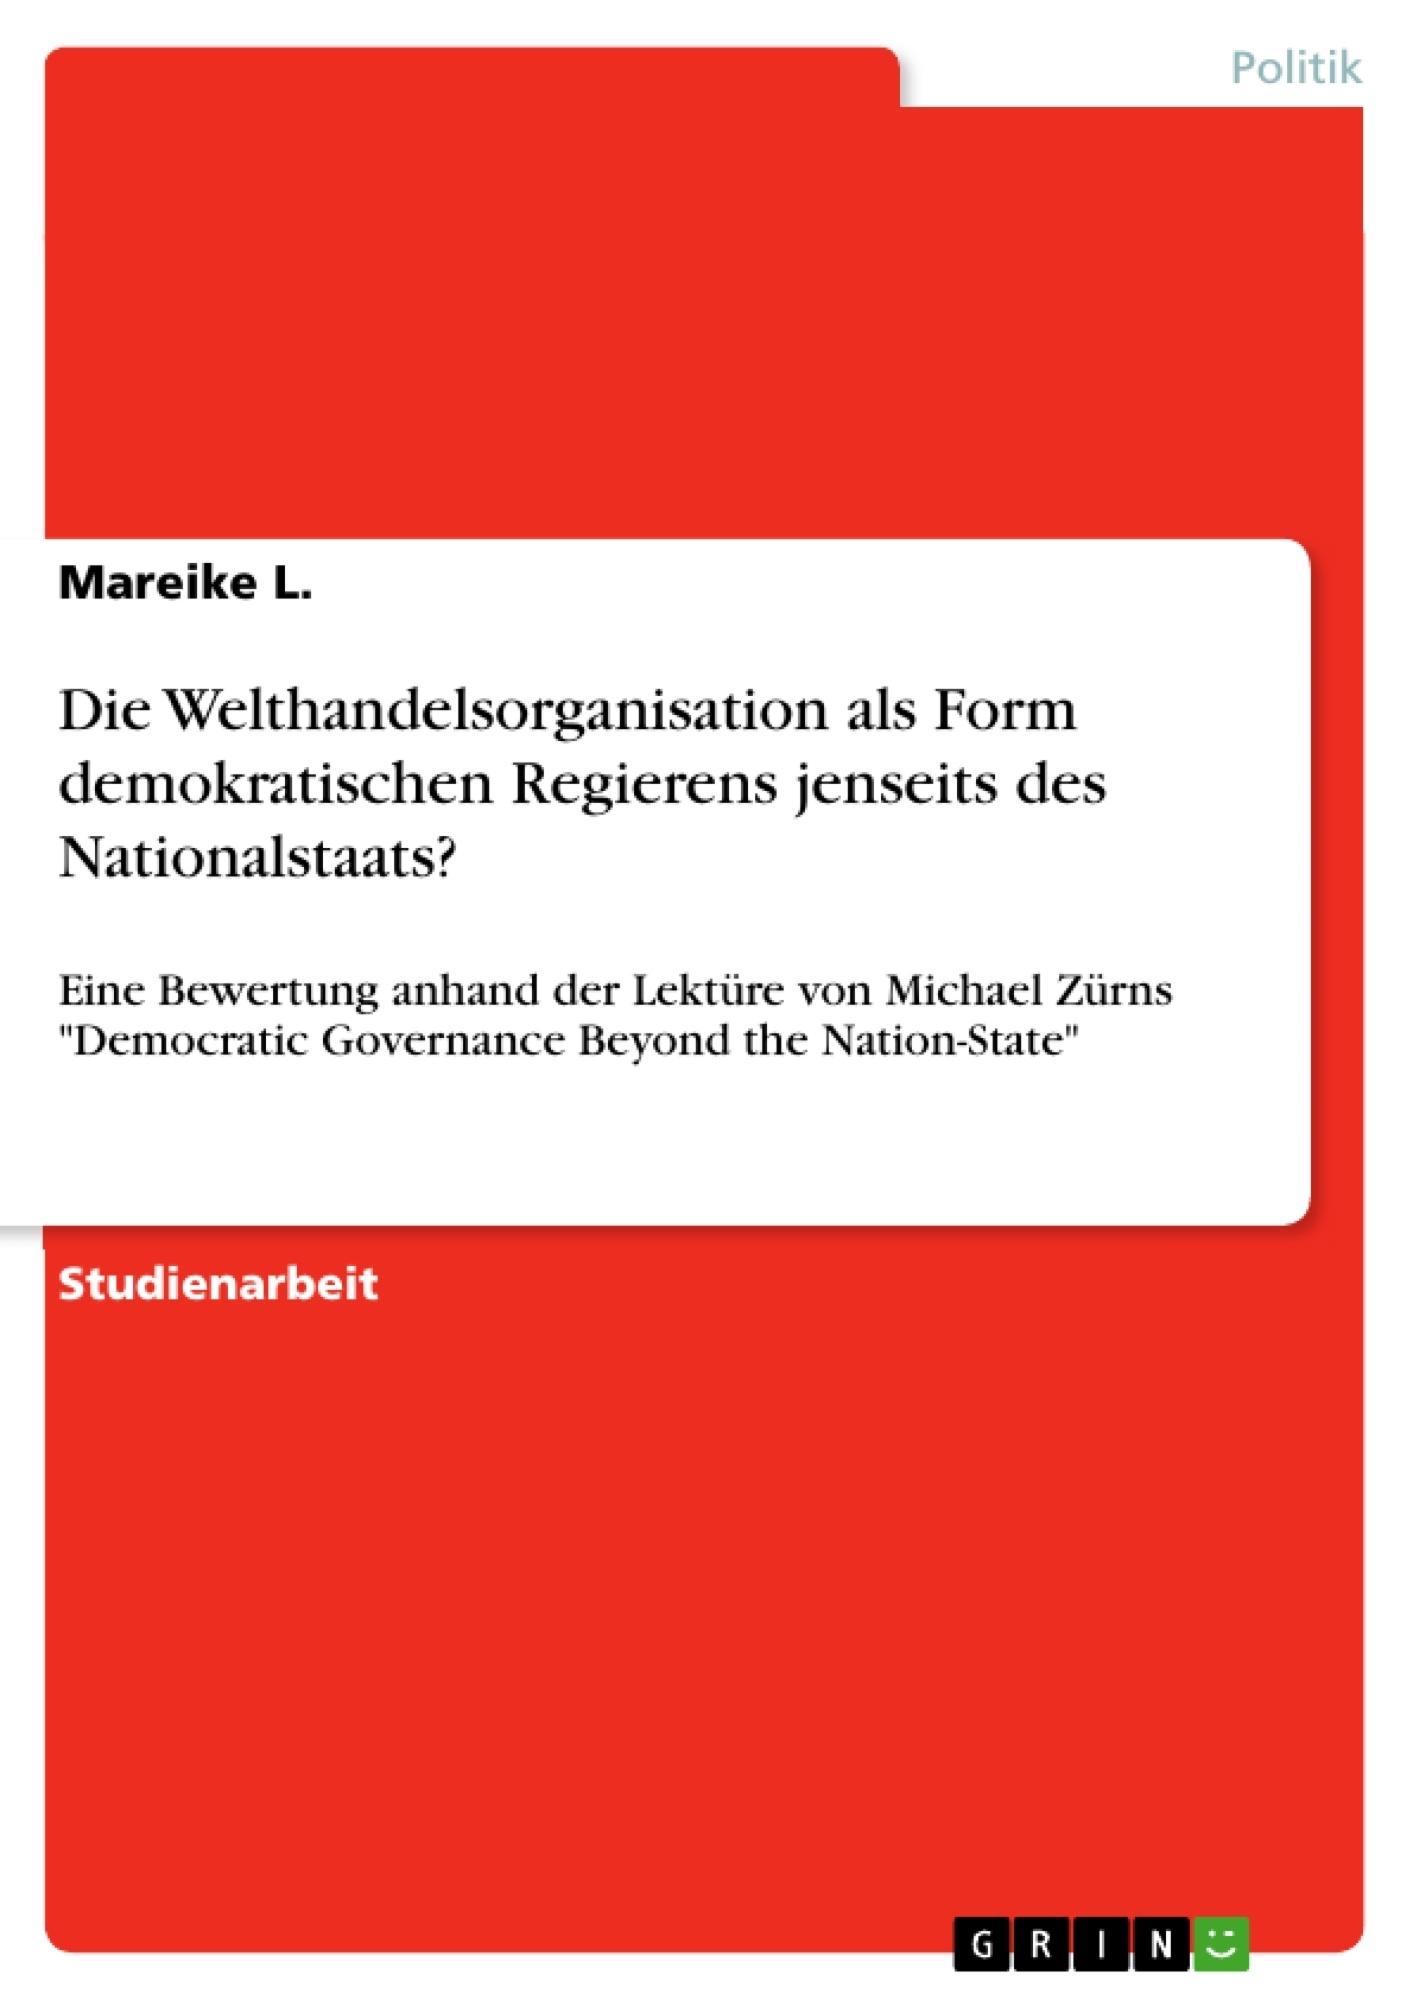 Titel: Die Welthandelsorganisation als Form demokratischen Regierens jenseits des Nationalstaats?